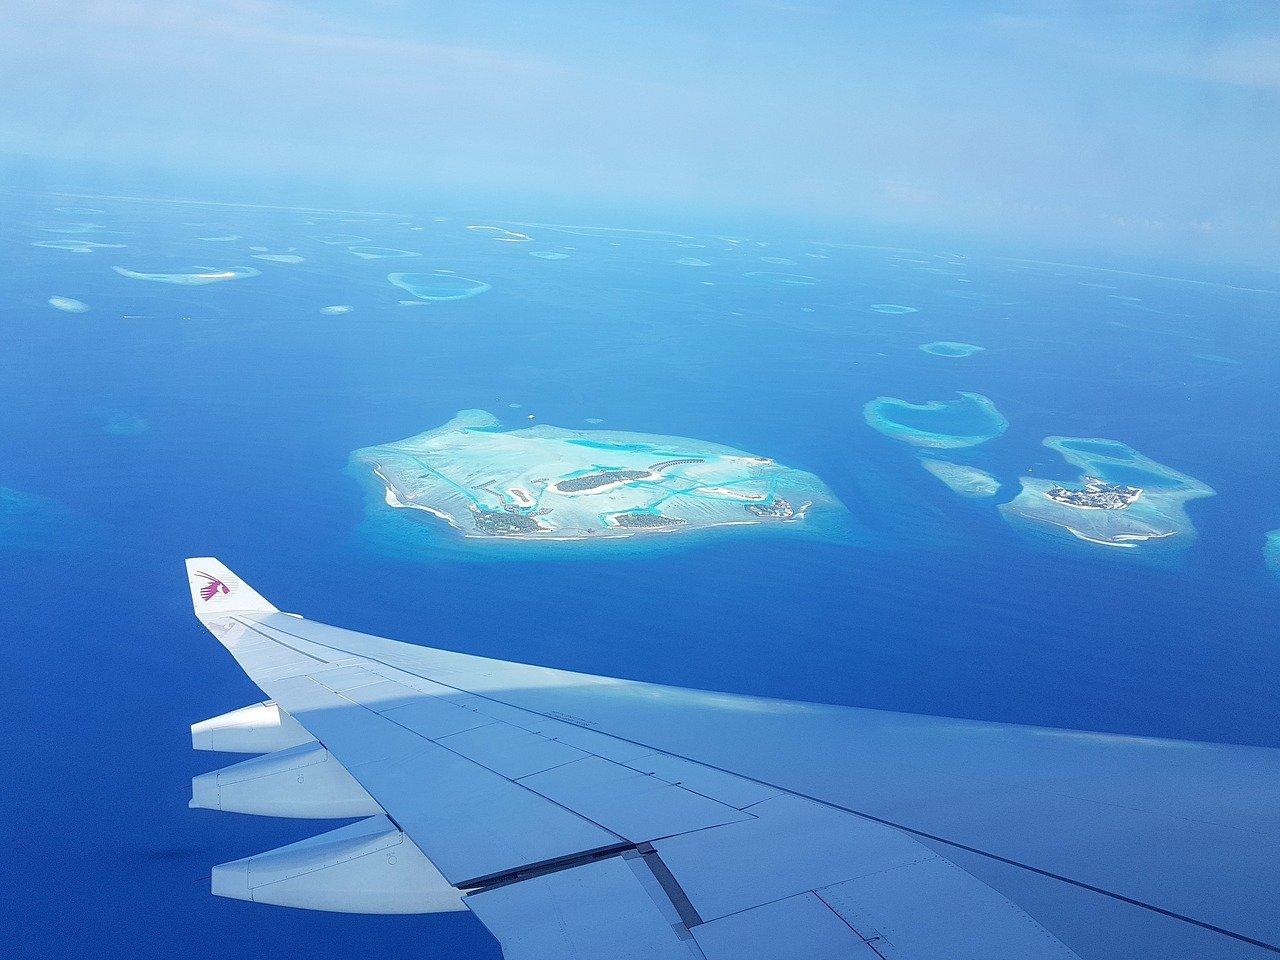 モルディブ旅行を計画する前に!知っておきたいポイント